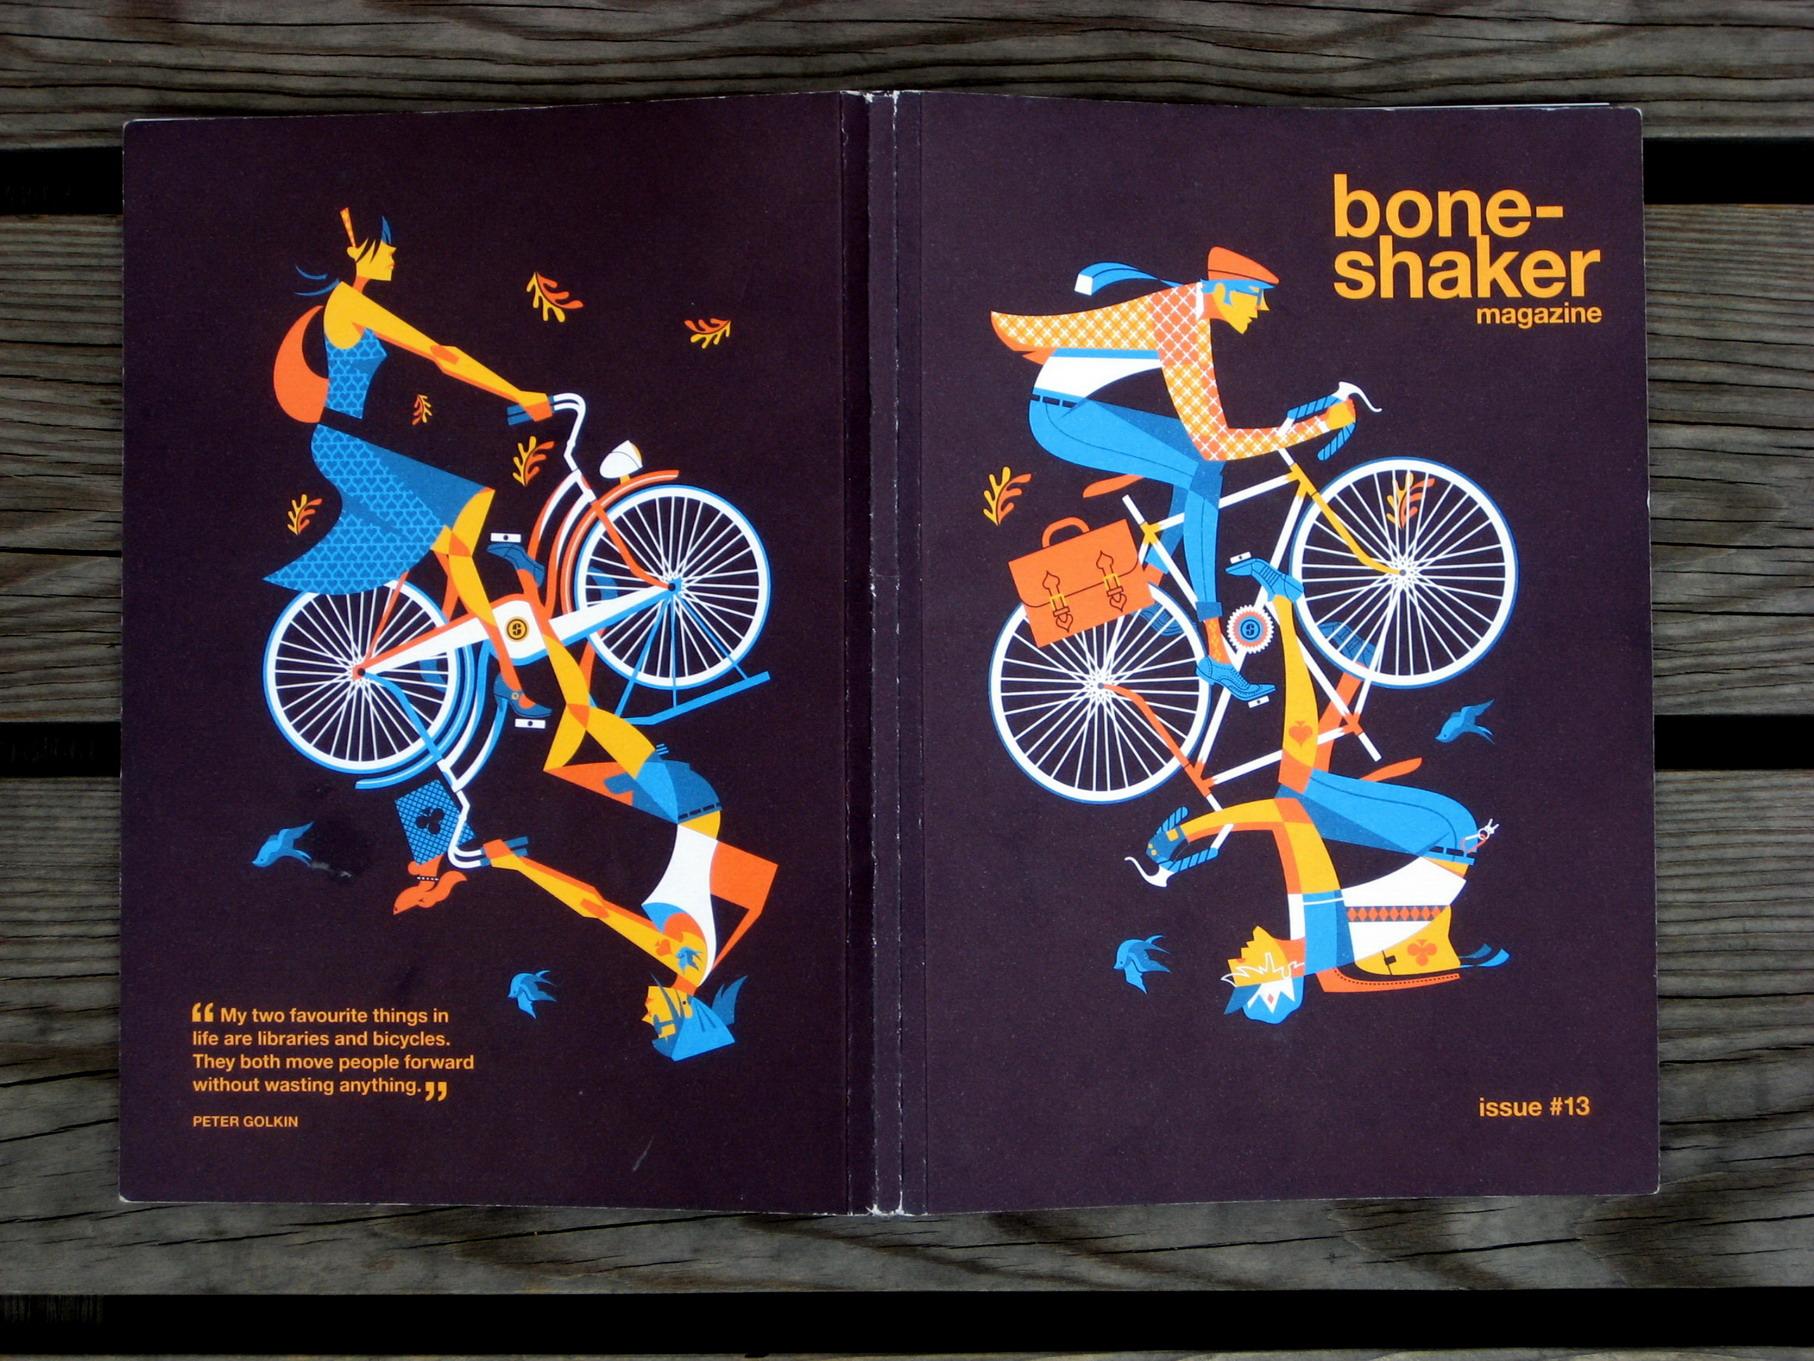 Boneshaker #13